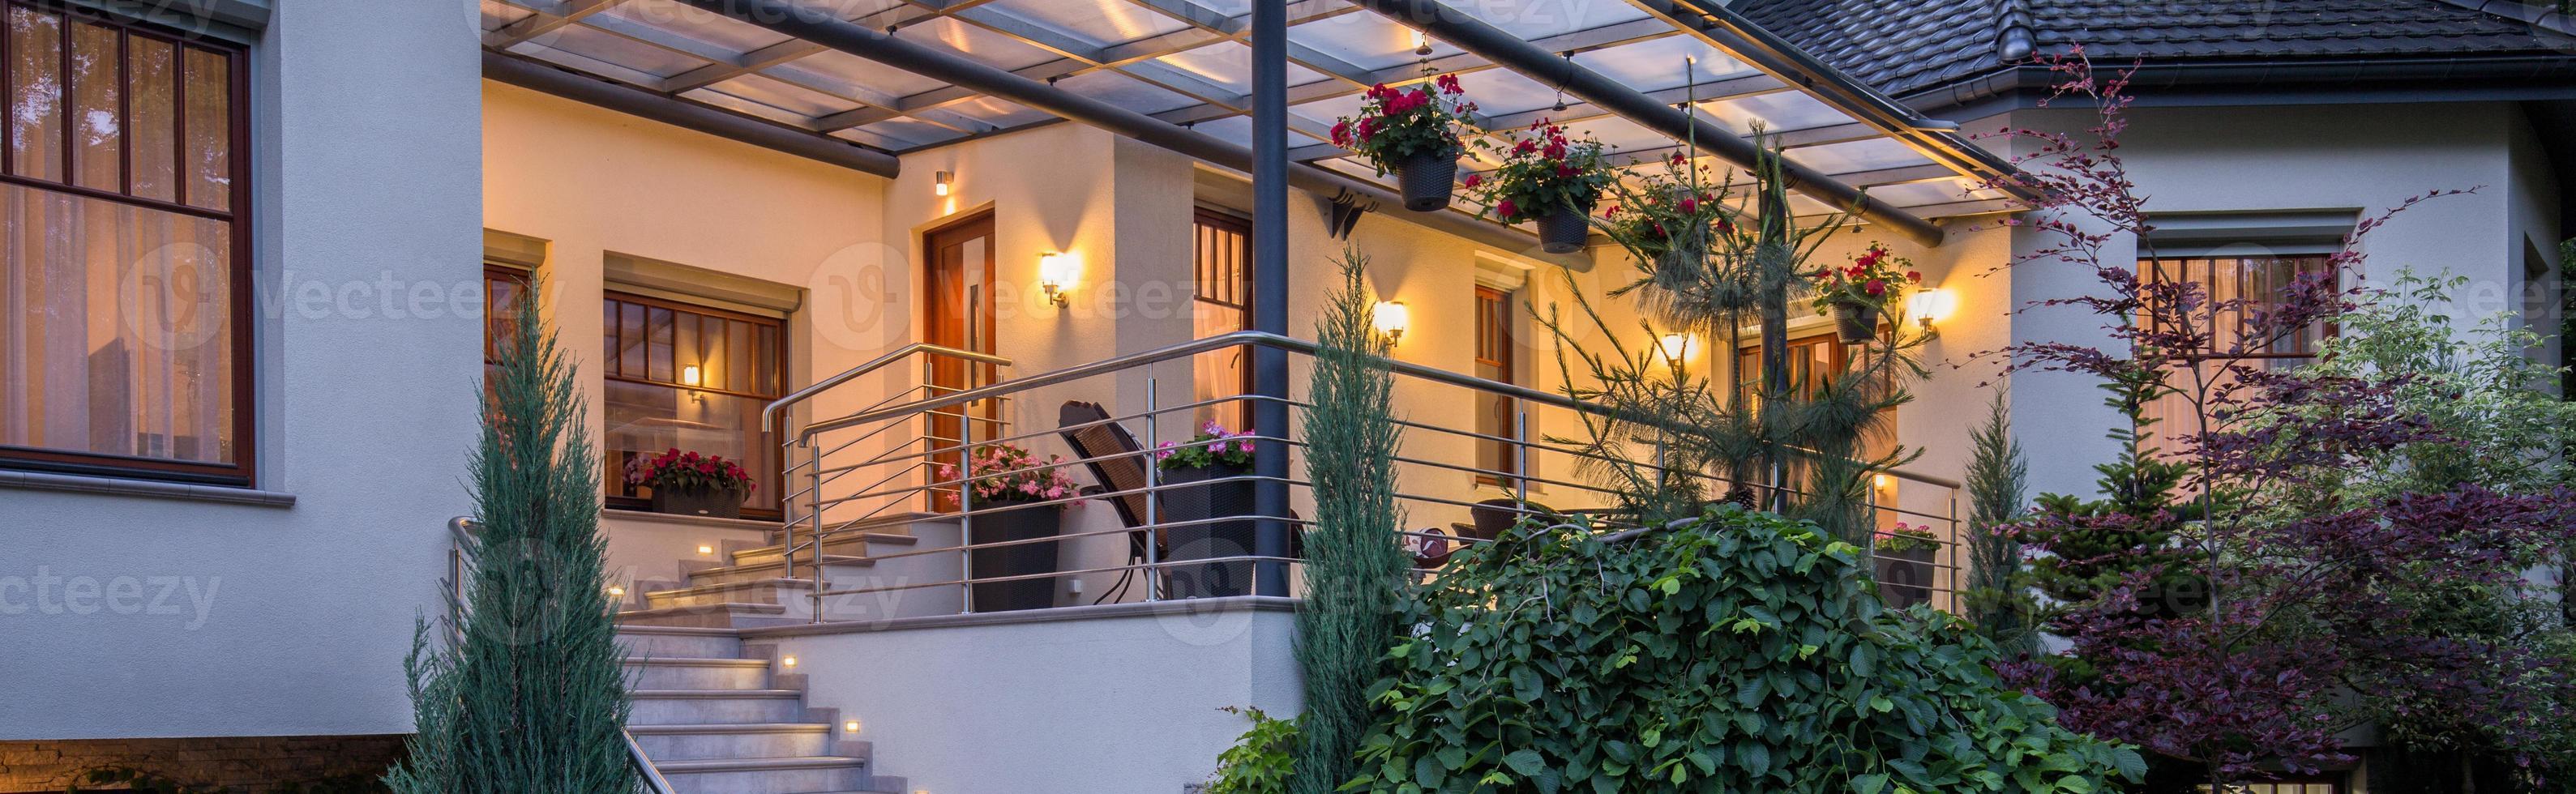 terraza en villa foto